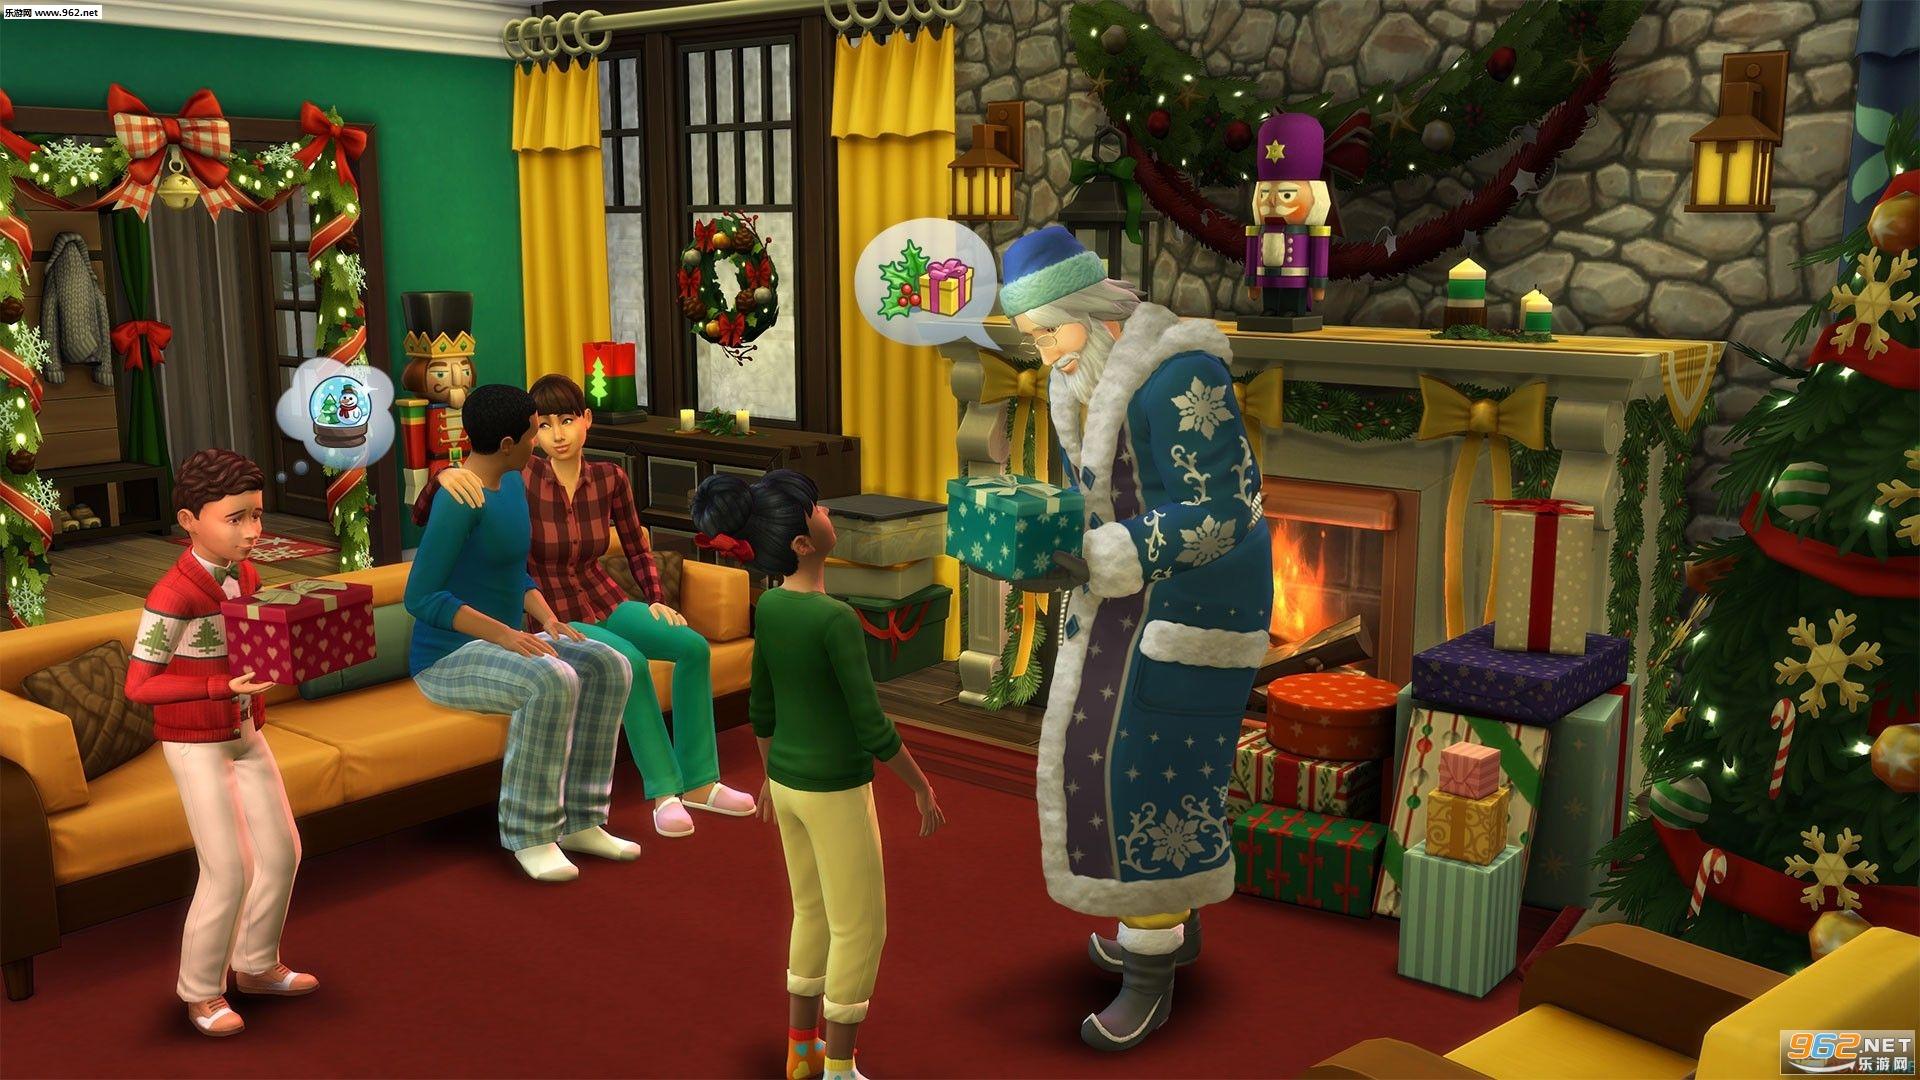 模拟人生4:春夏秋冬(The Sims 4: Seasons)DLC合集版截图7